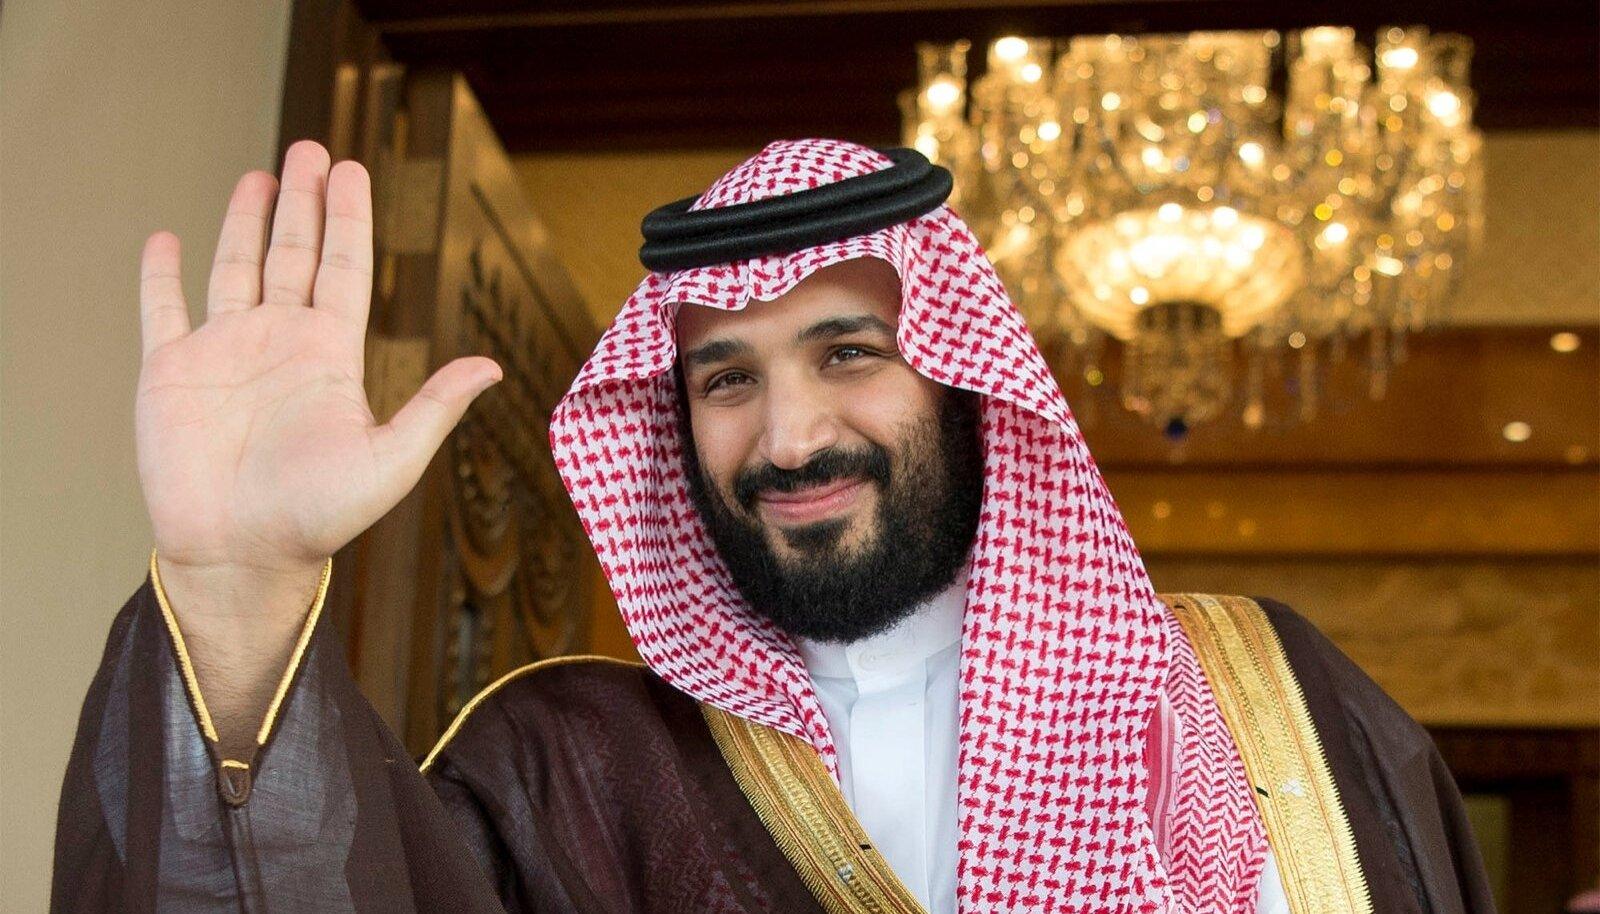 JÕHKER REFORMIJA: Kroonprints Mohammed bin Salman näikse tegutsevat nagu keskaegse Euroopa kuningad: kui eesmärgi saavutamiseks on vaja valada verd, siis tuleb seda kõhklematult teha.